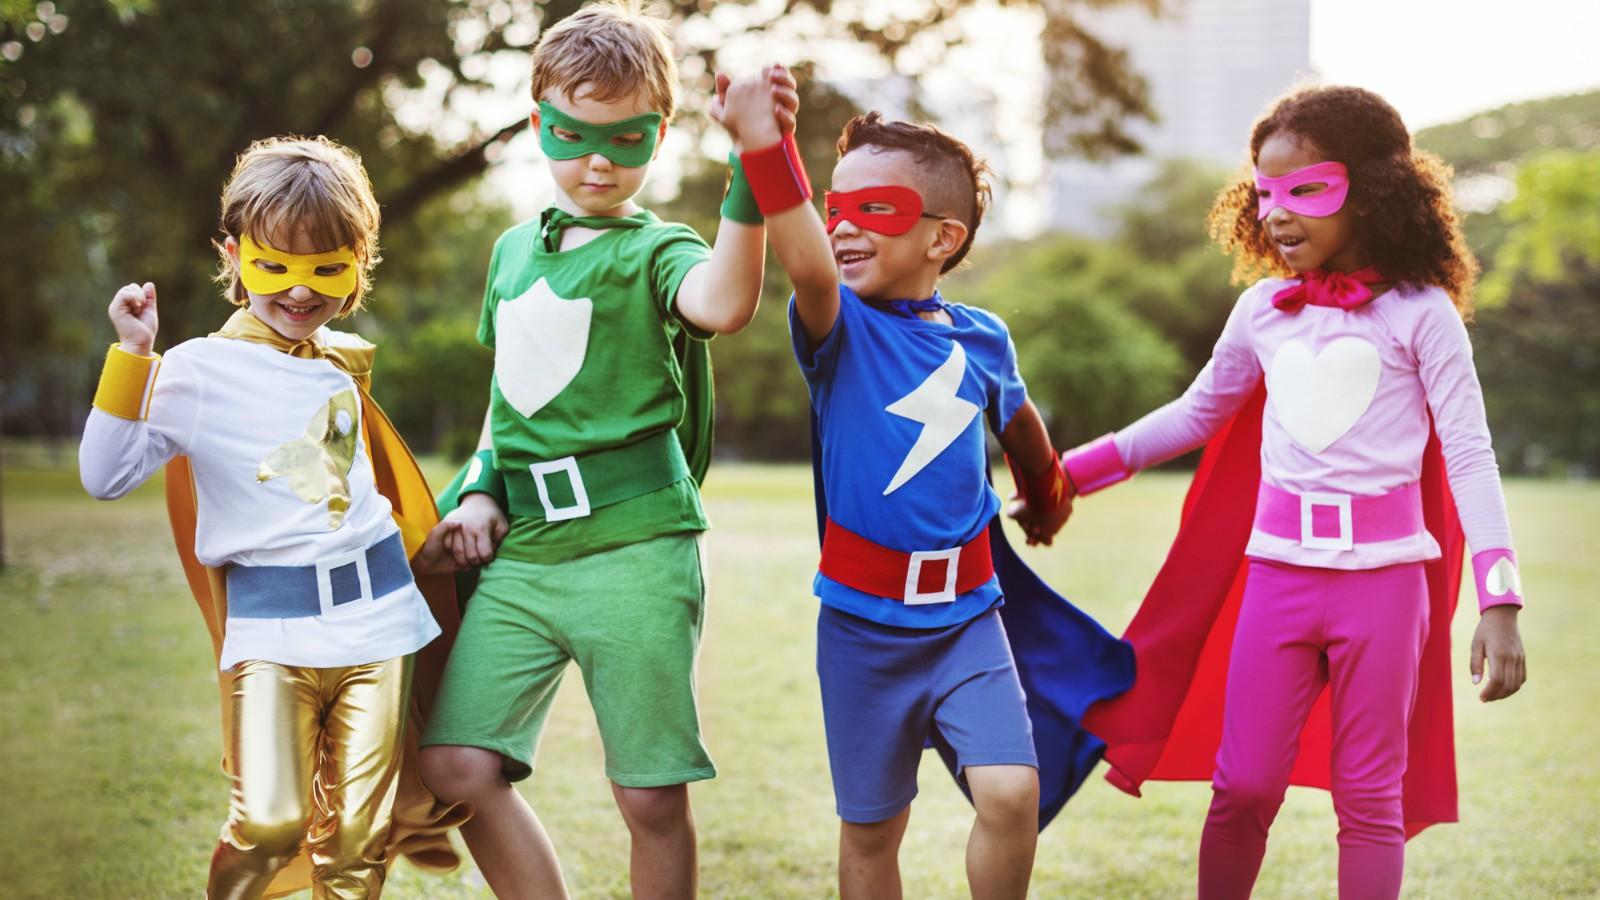 Cosa possono insegnare i supereroi